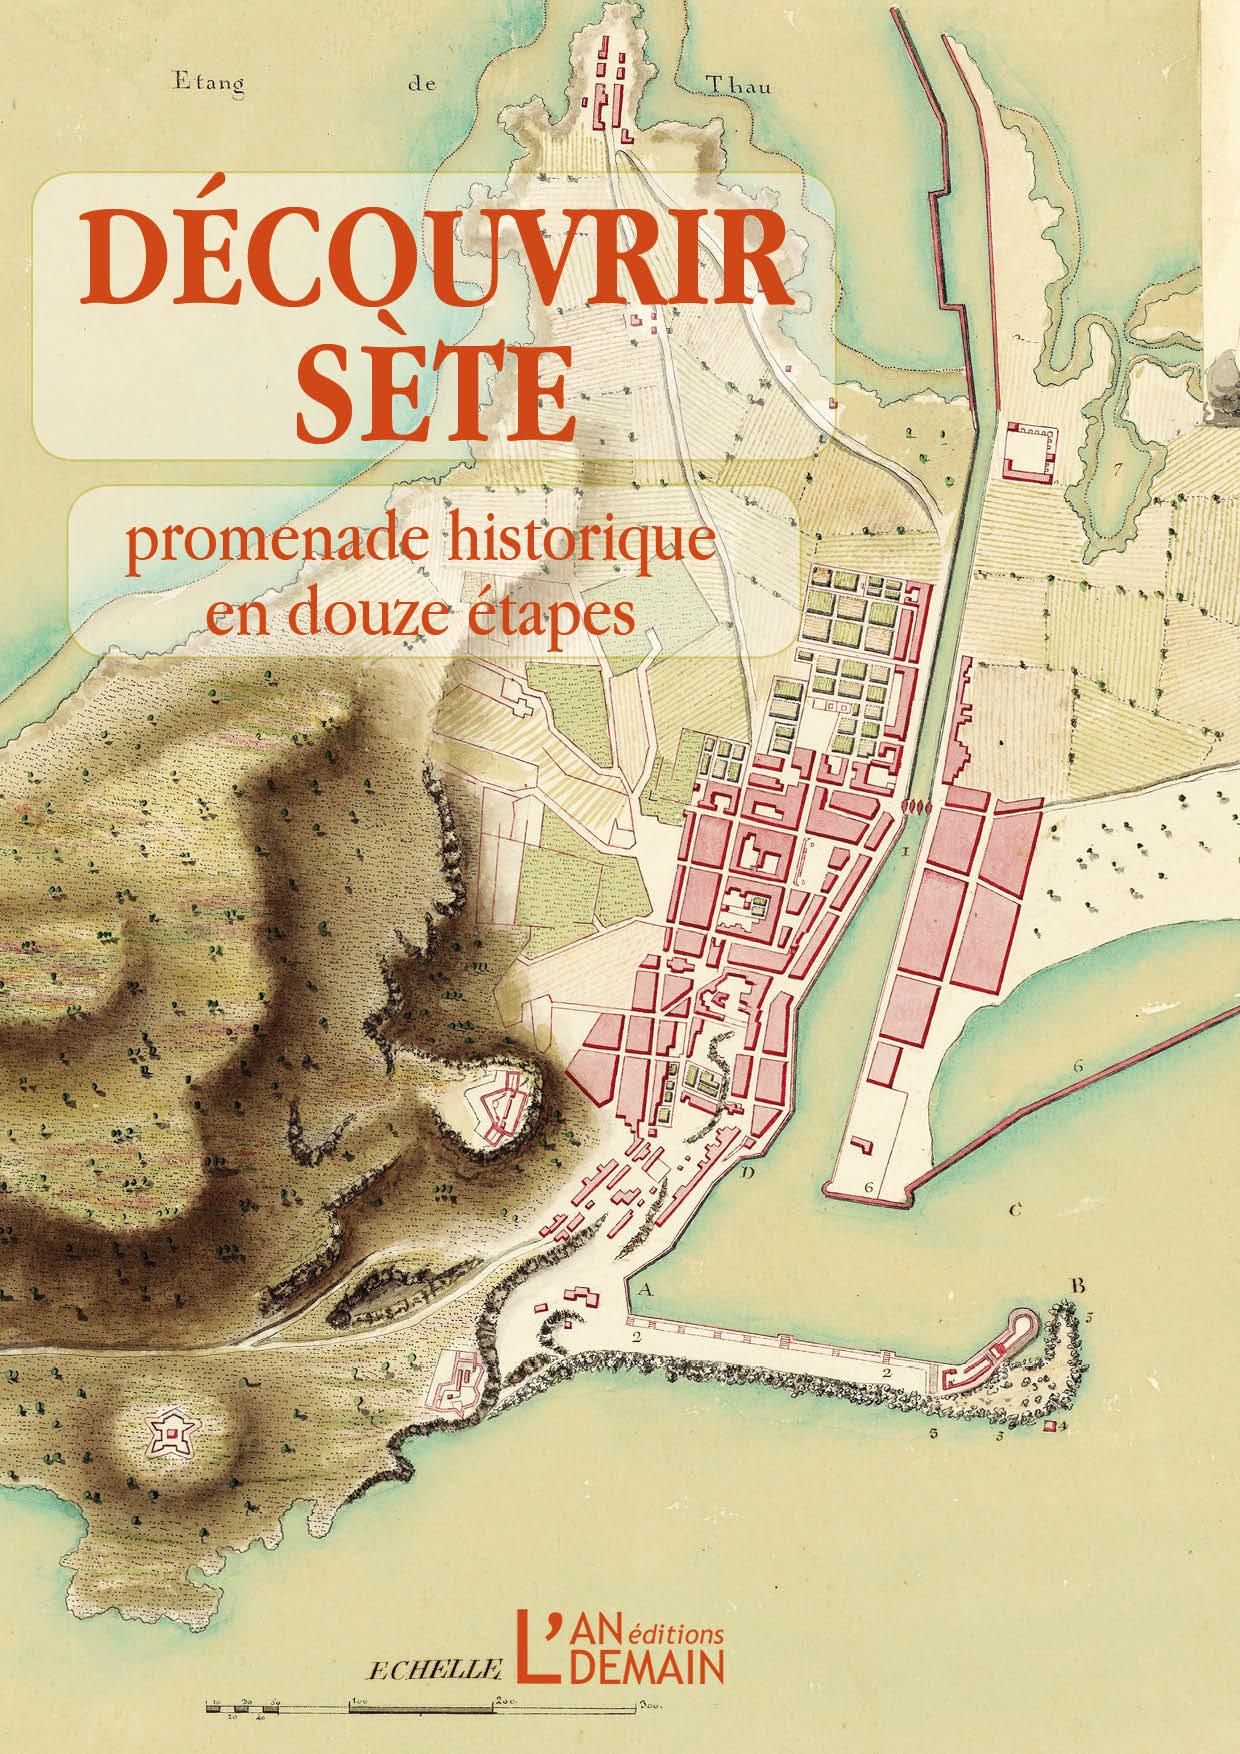 Découvrir Sète, promenade historique en douze étapes